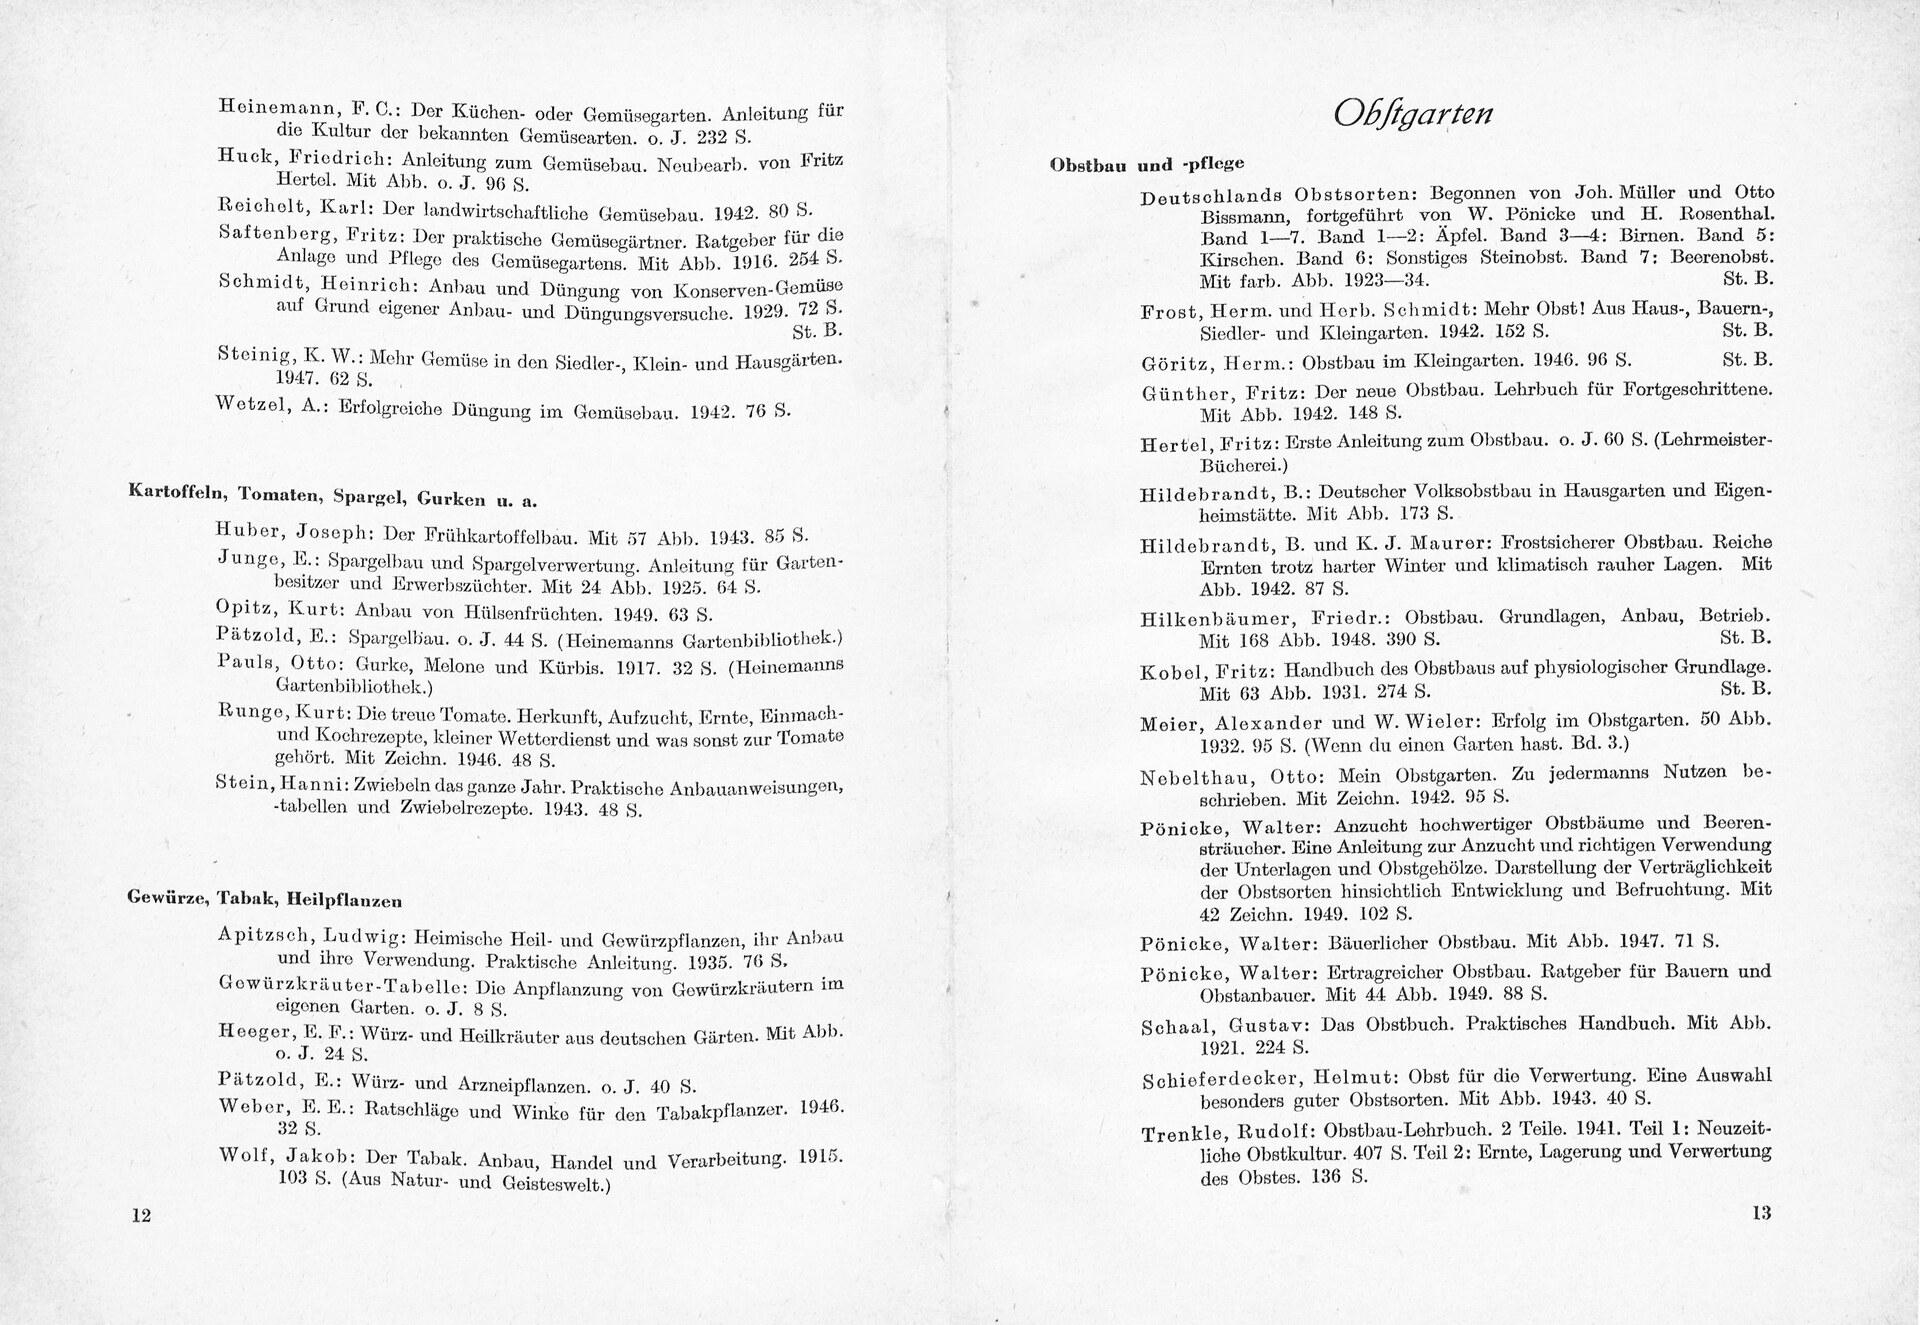 Auswahlverzeichnis.15.12.13.jpg